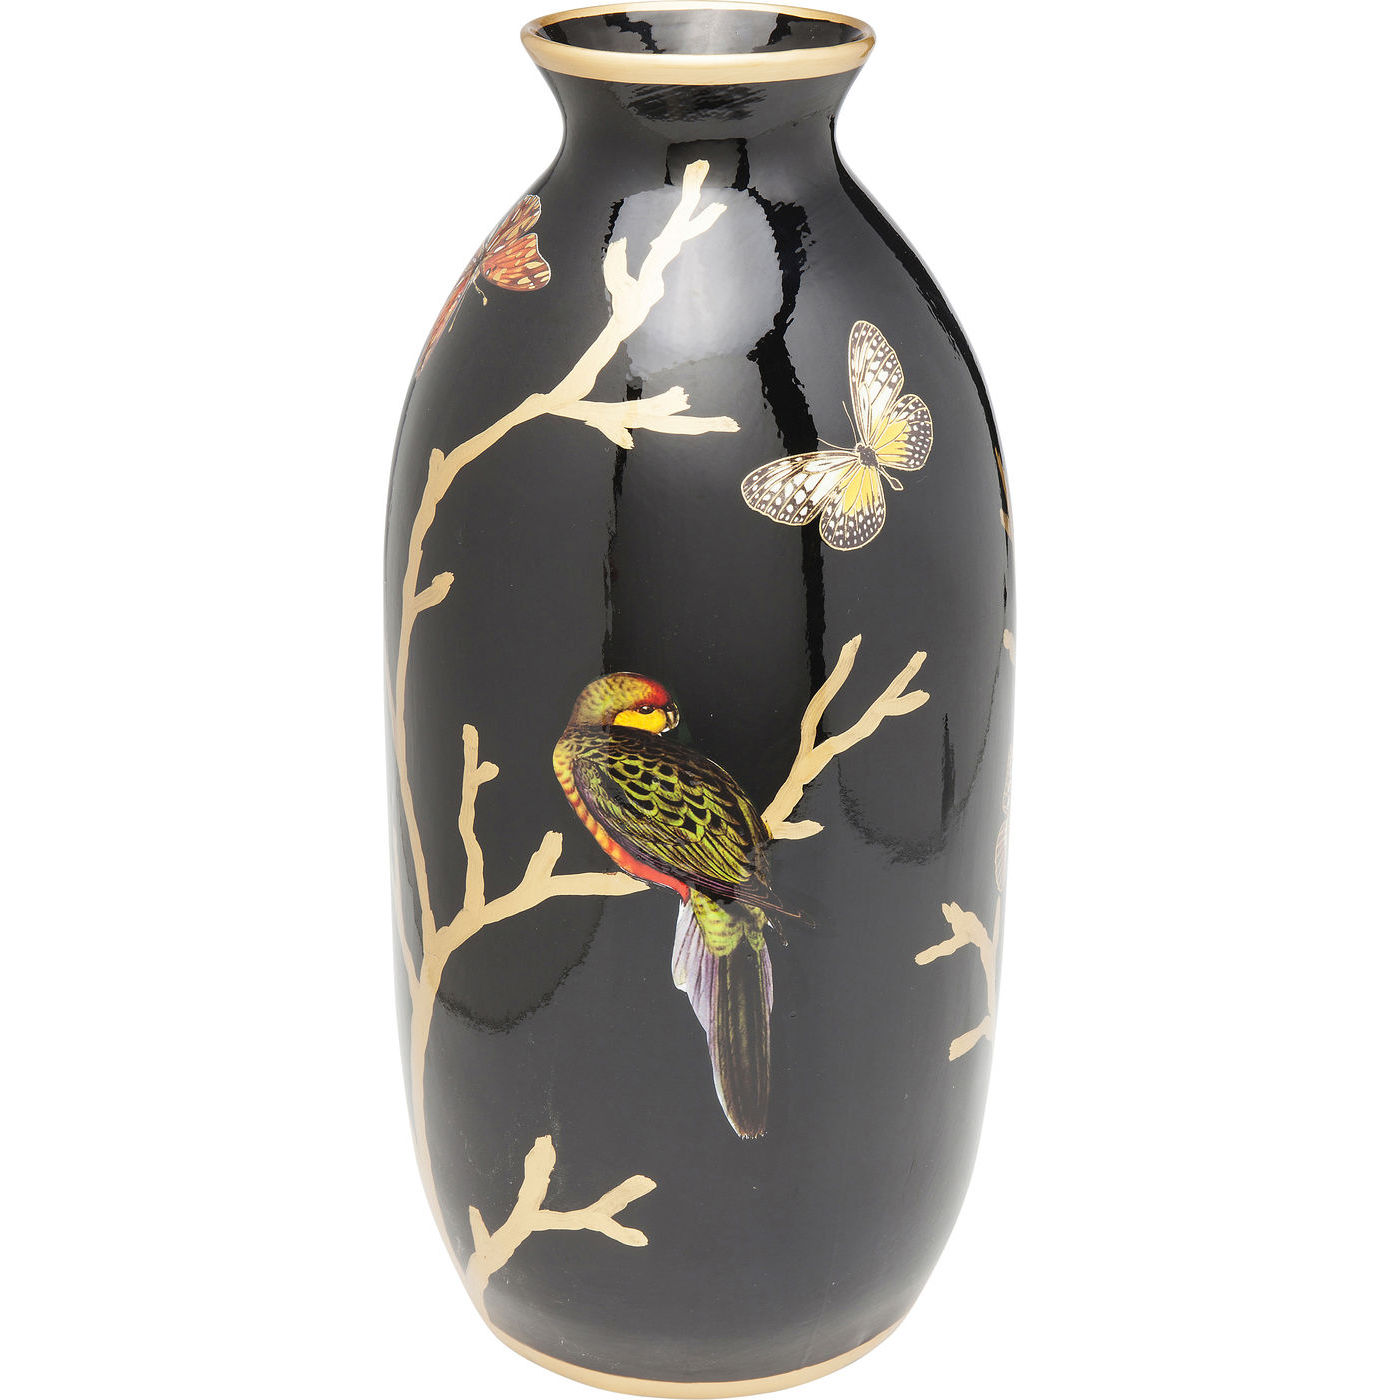 kare design – Kare design menagerie vase - multifarvet porcelæn, håndmalet (44cm) på boboonline.dk